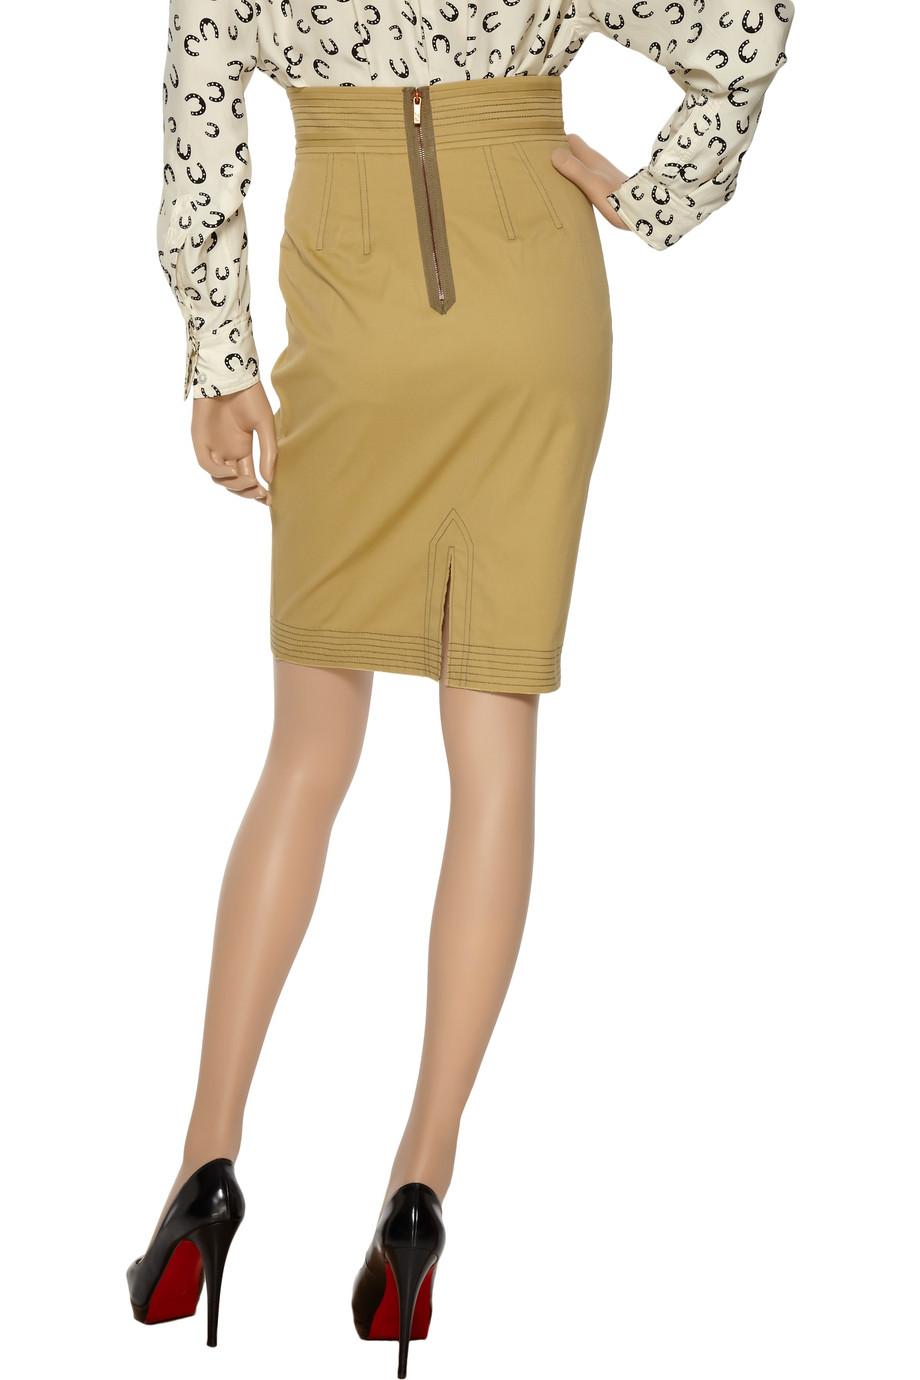 a765e61819 Z Spoke by Zac Posen Cotton-blend Pencil Skirt in Yellow - Lyst